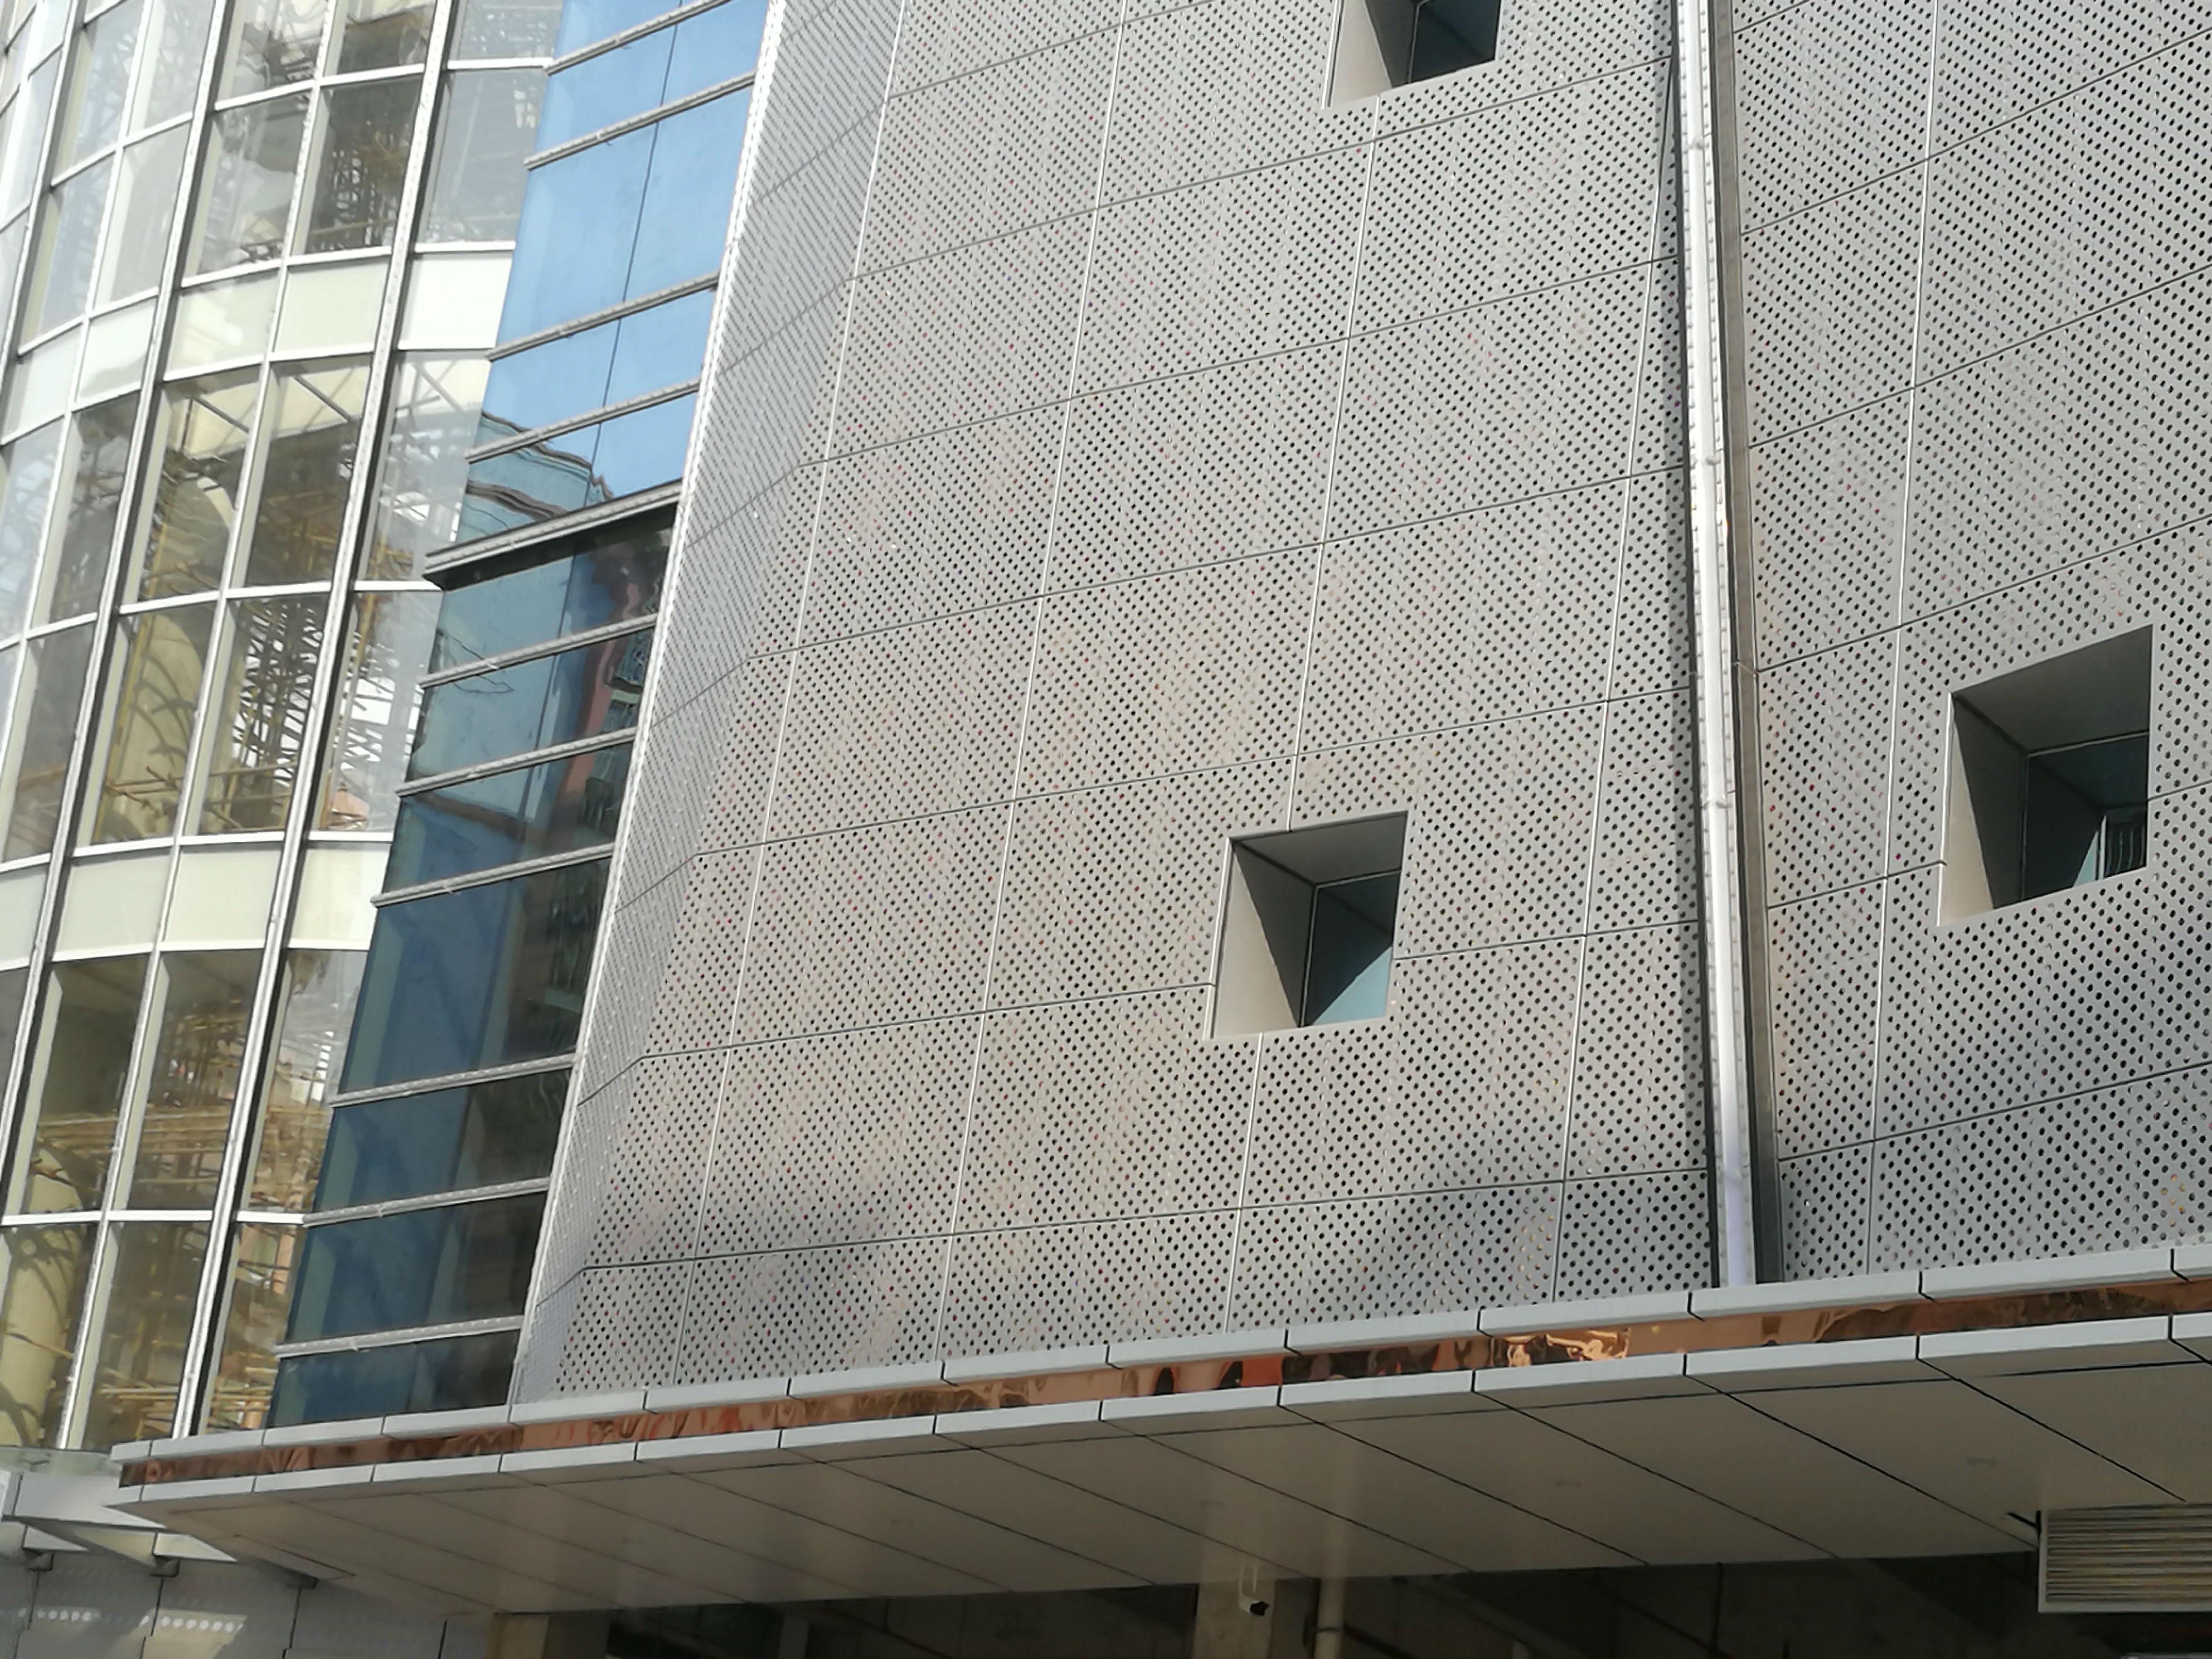 镂空铝单板室外幕墙效果